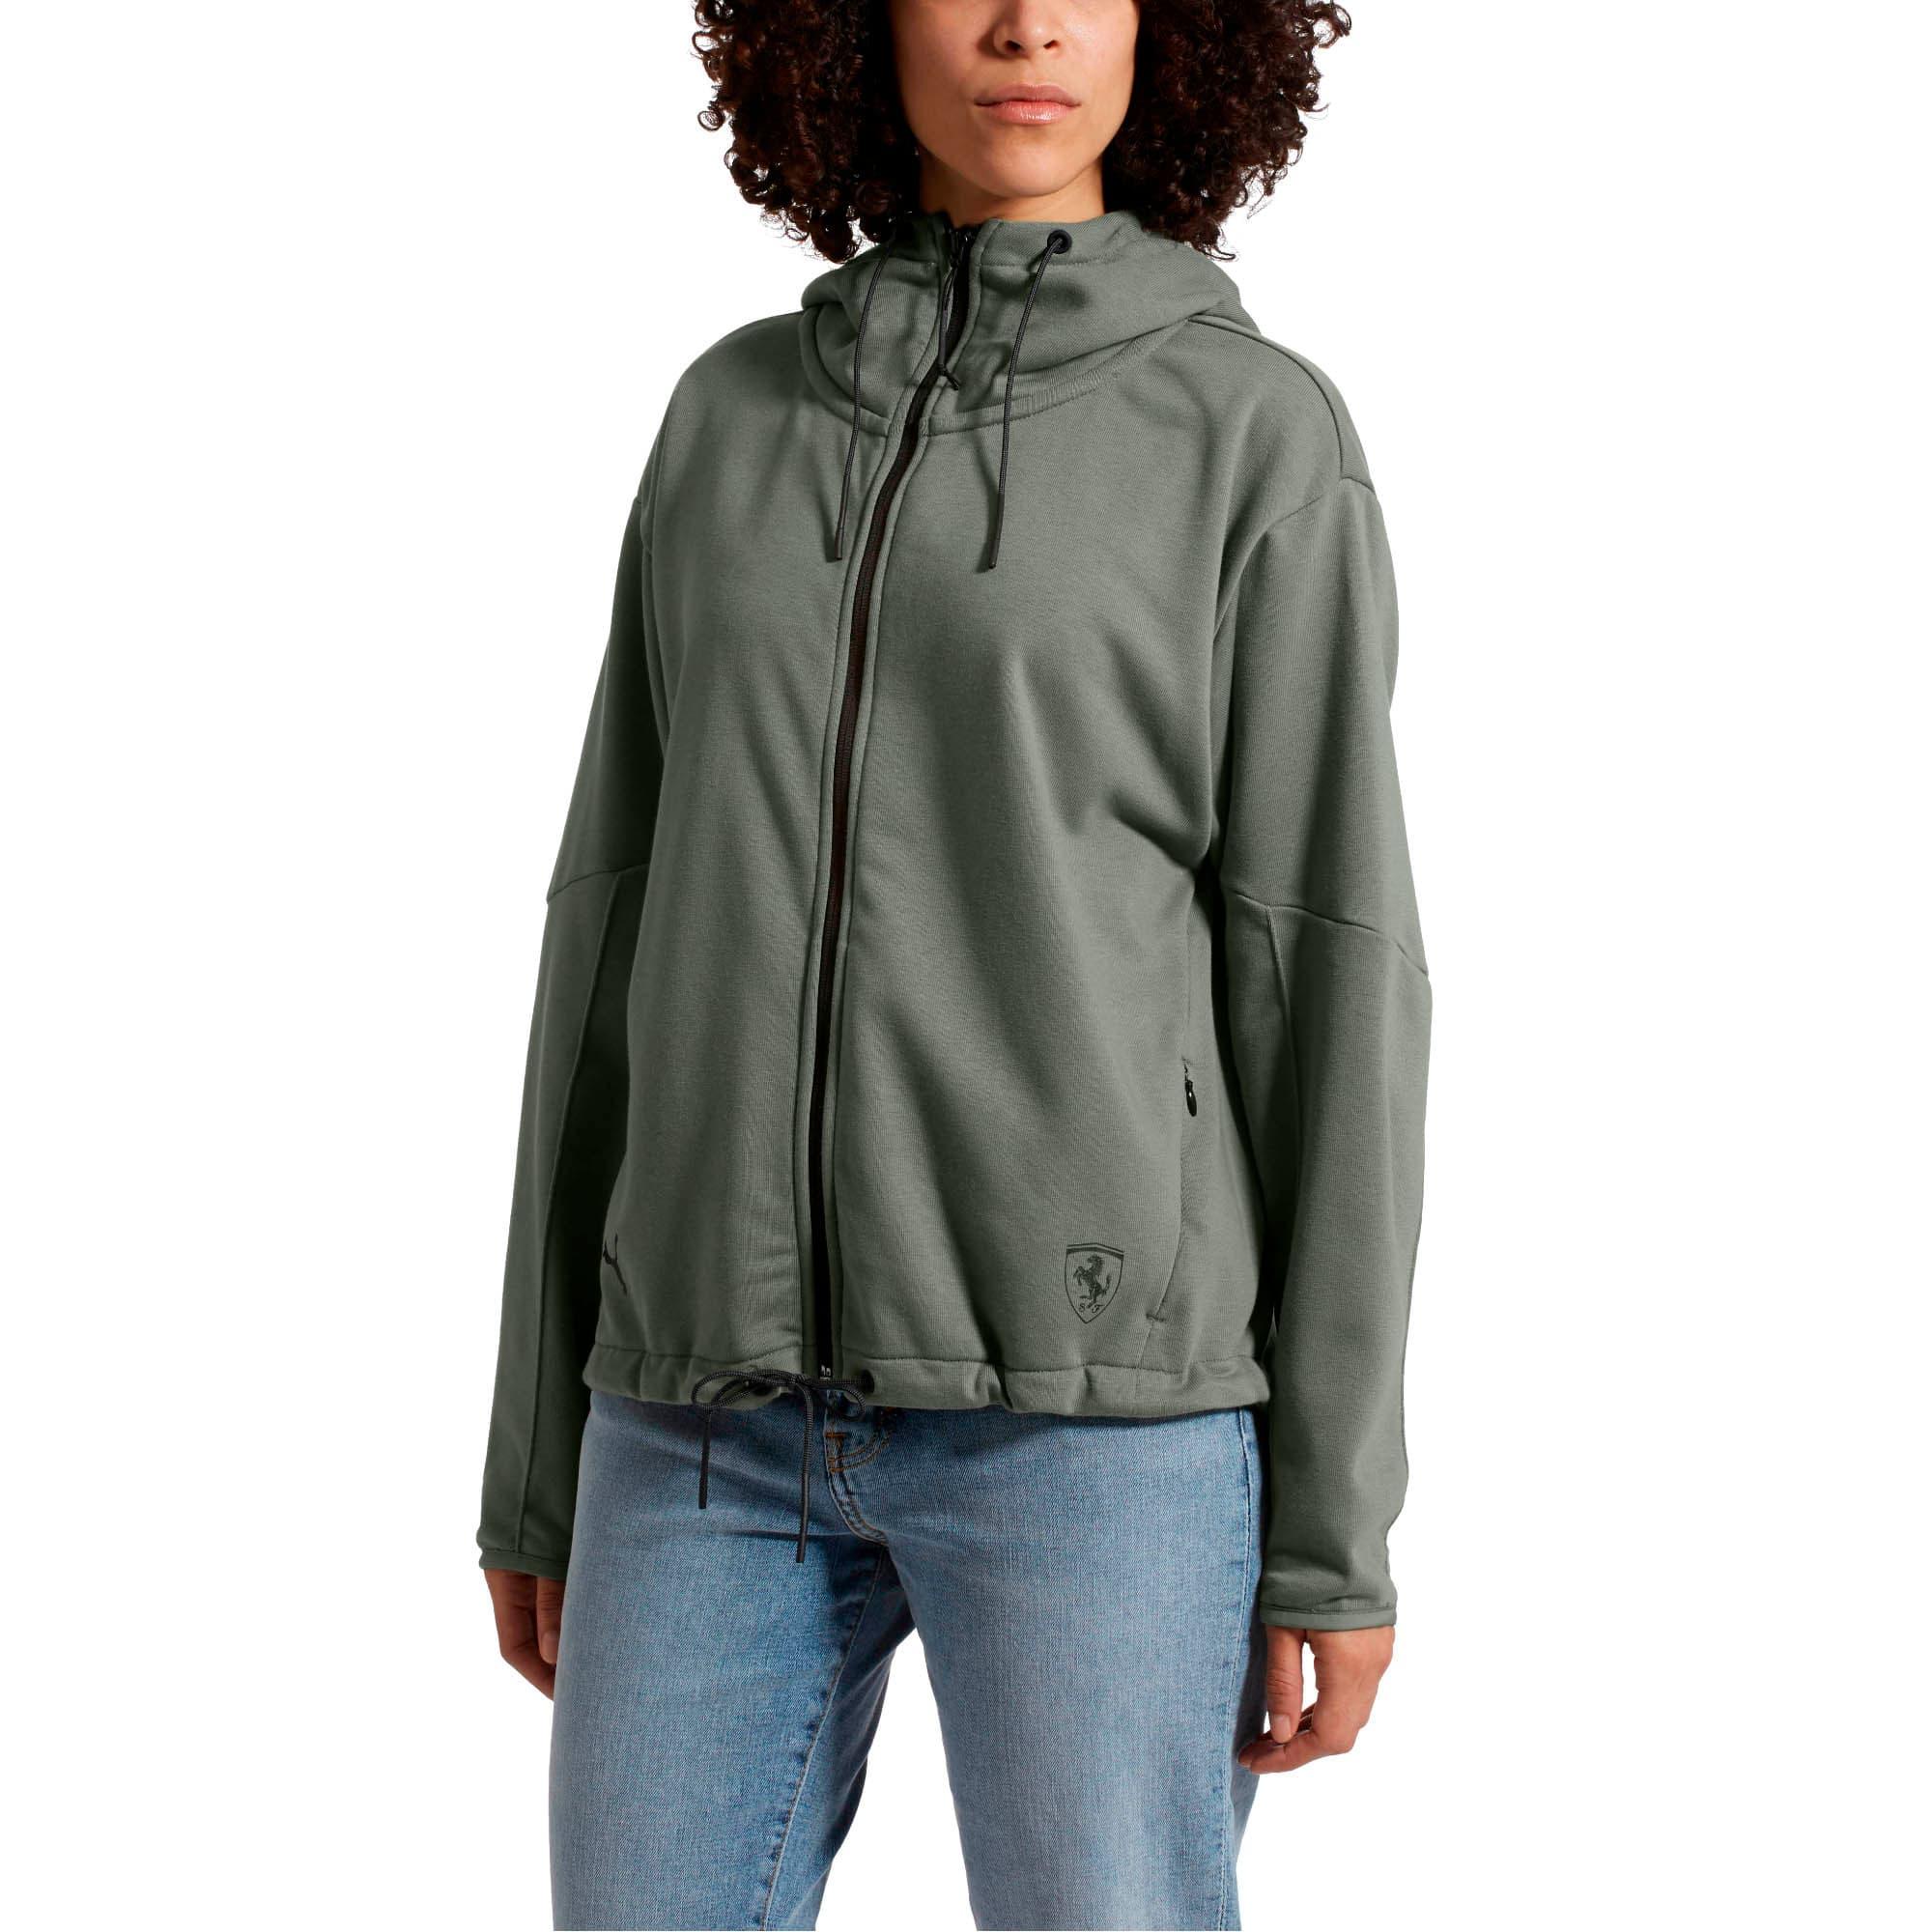 Thumbnail 2 of Scuderia Ferrari Lifestyle Women's Hooded Sweat Jacket, Laurel Wreath, medium